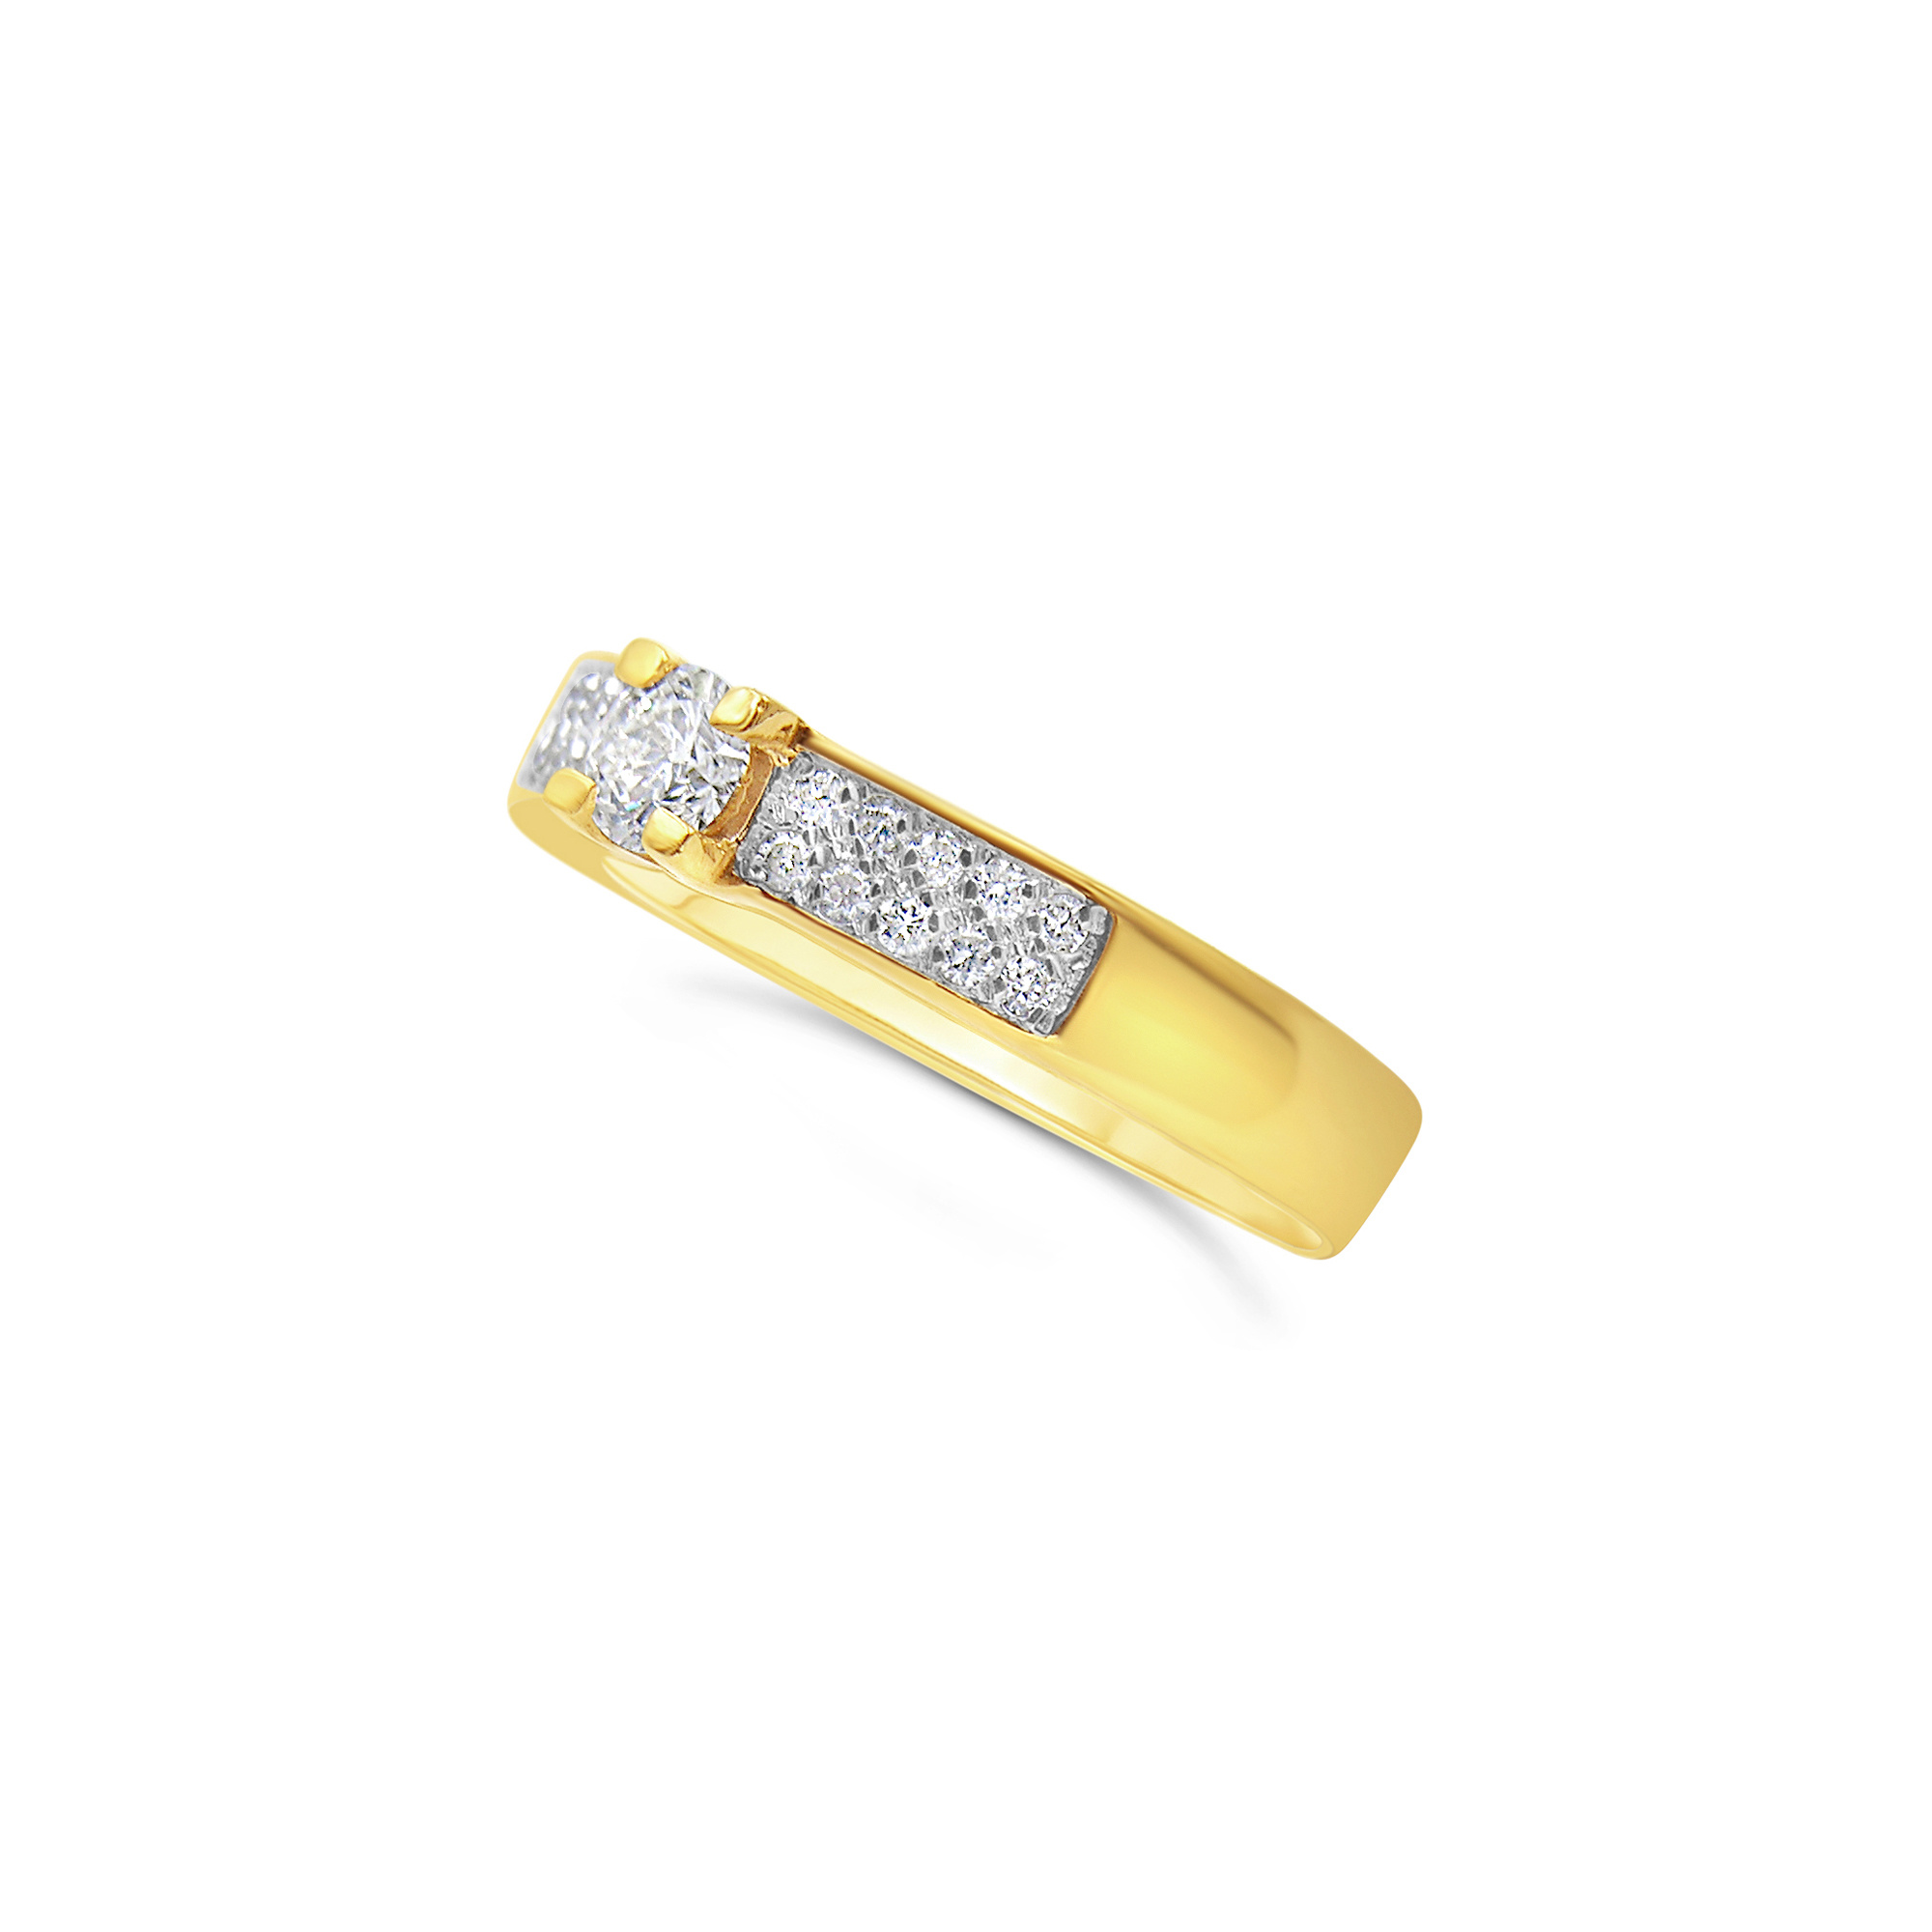 18kt geel goud verlovingsring met 0.47 ct diamanten